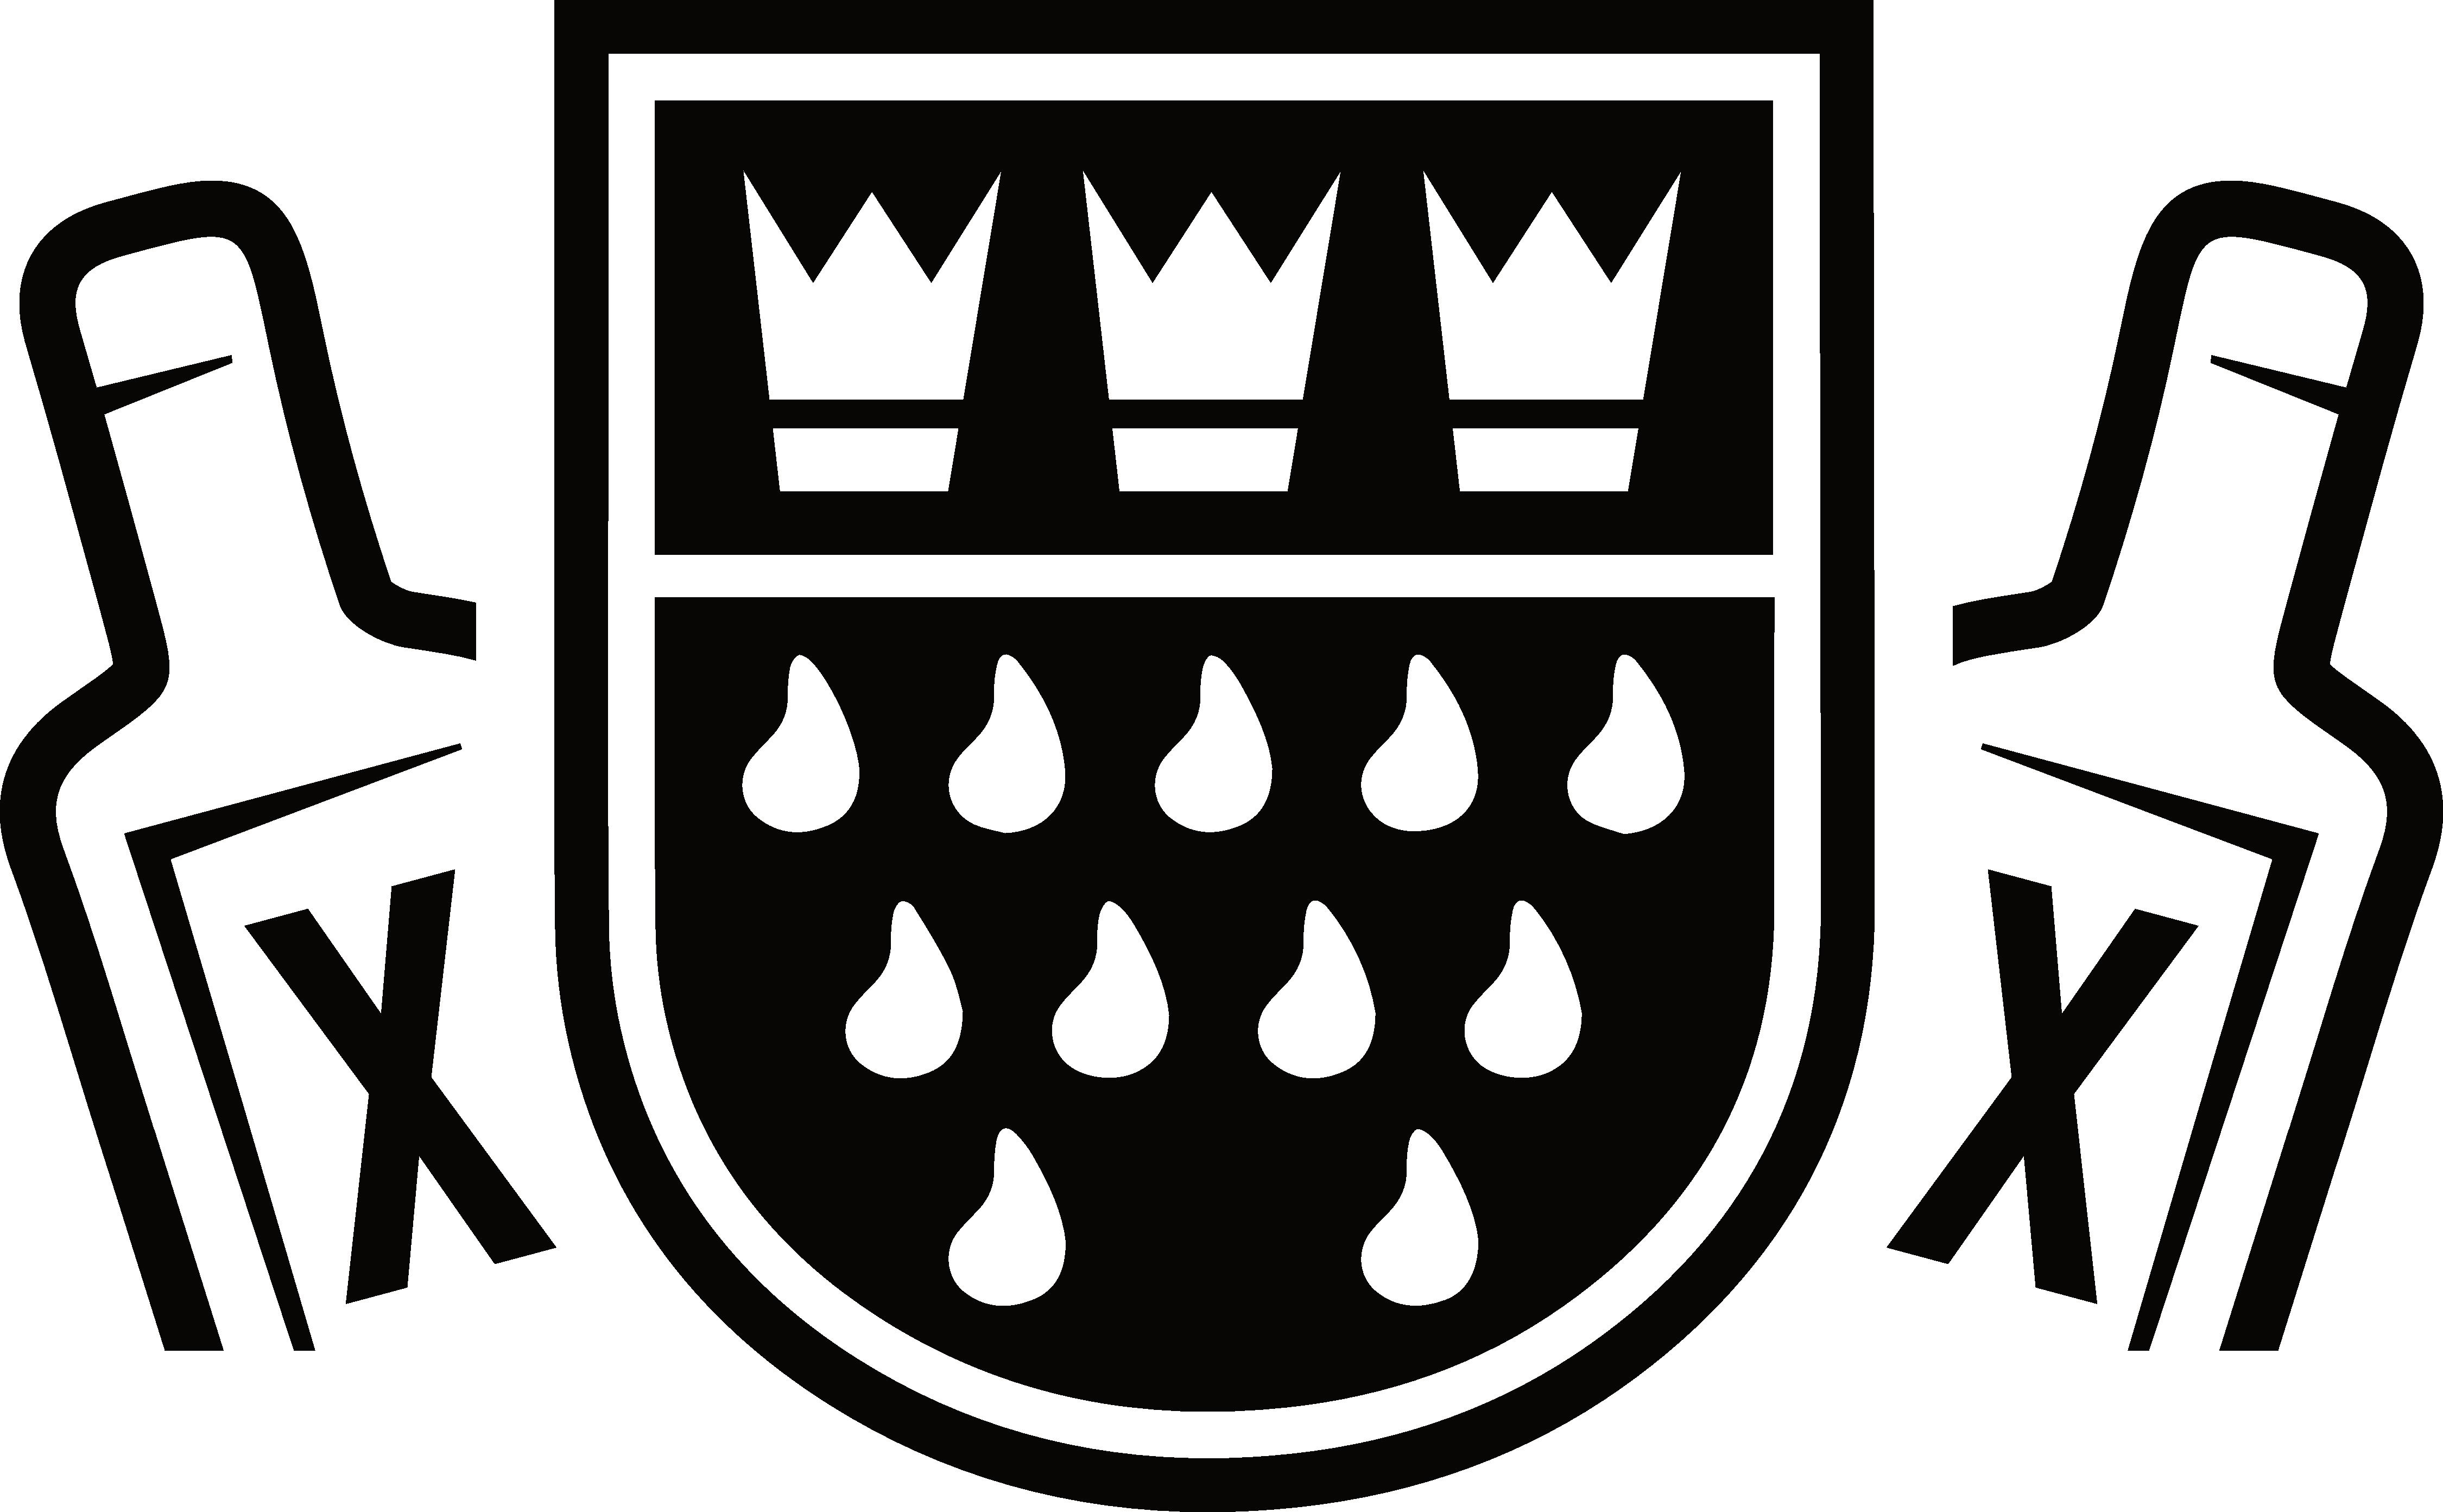 Schnapskartell_Logo_ohne_Schrift_black